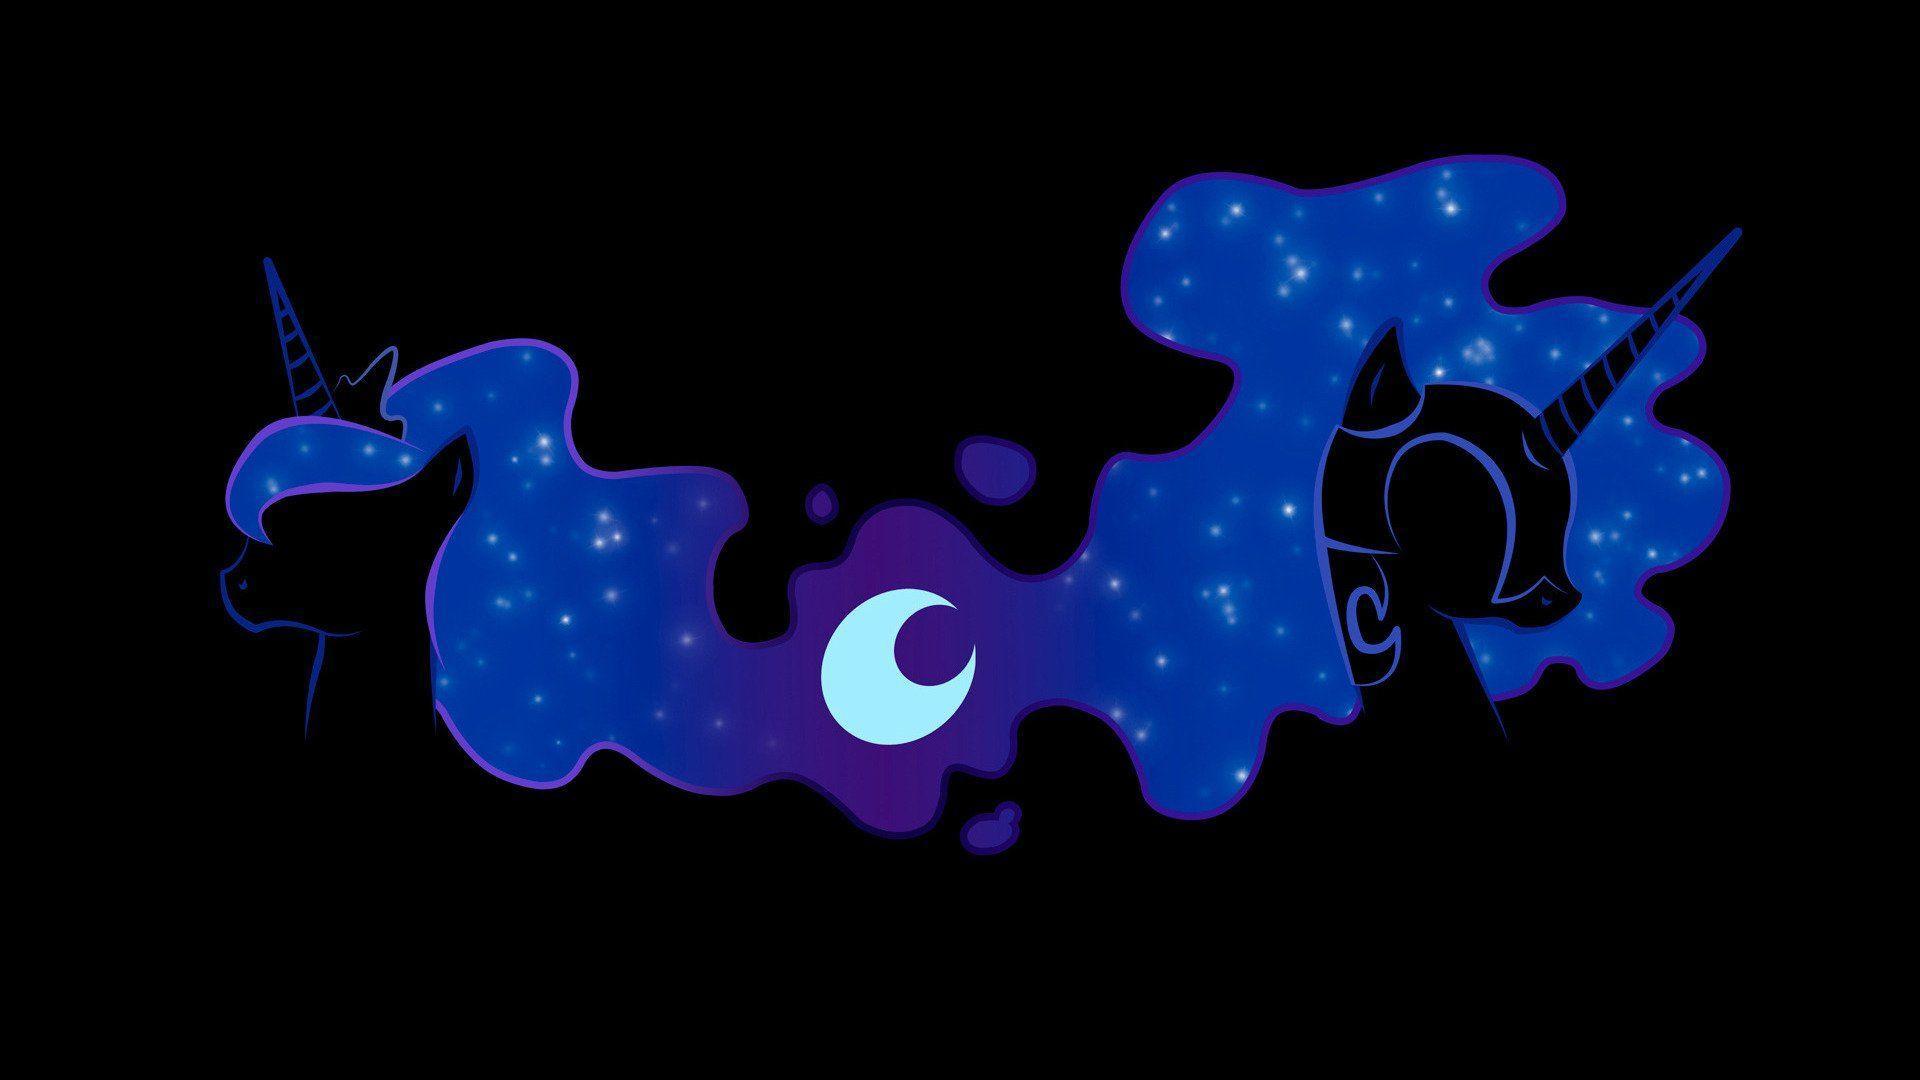 Princess Luna Wallpapers Top Free Princess Luna Backgrounds